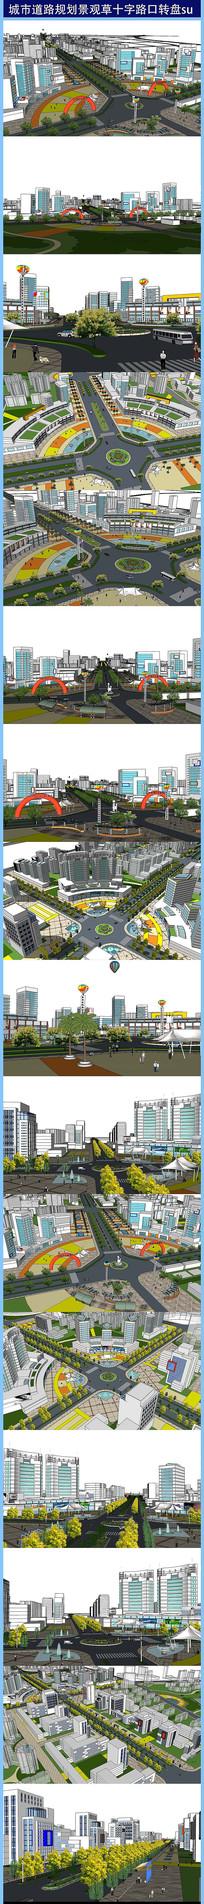 城市道路规划景观草十字路口转盘su模型